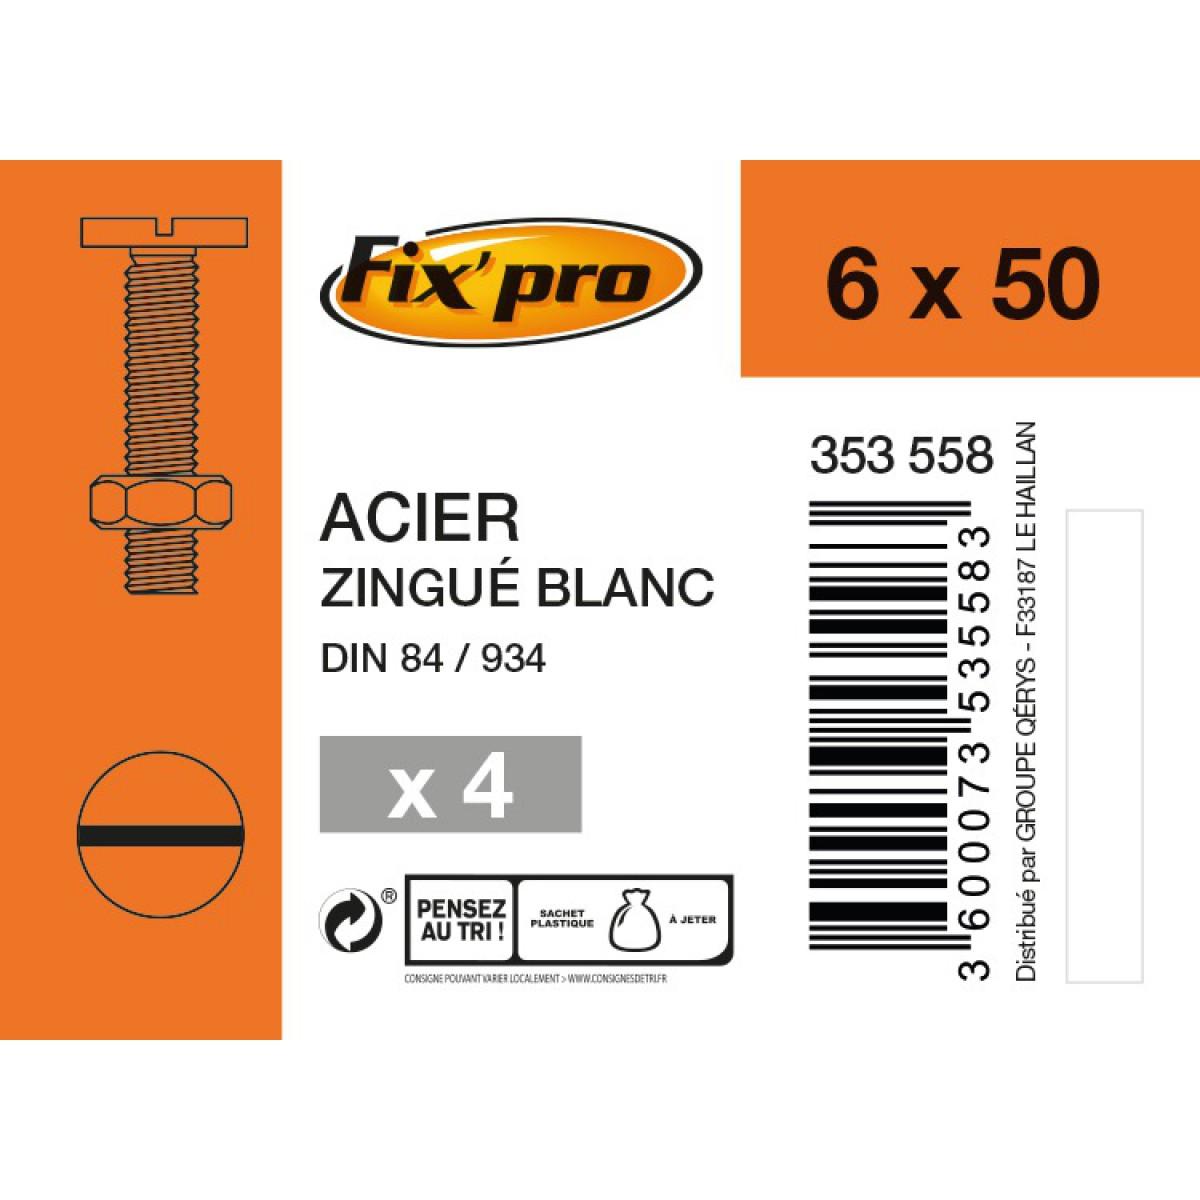 Boulon tête cylindrique fendue acier zingué - 6x50 - 4pces - Fixpro